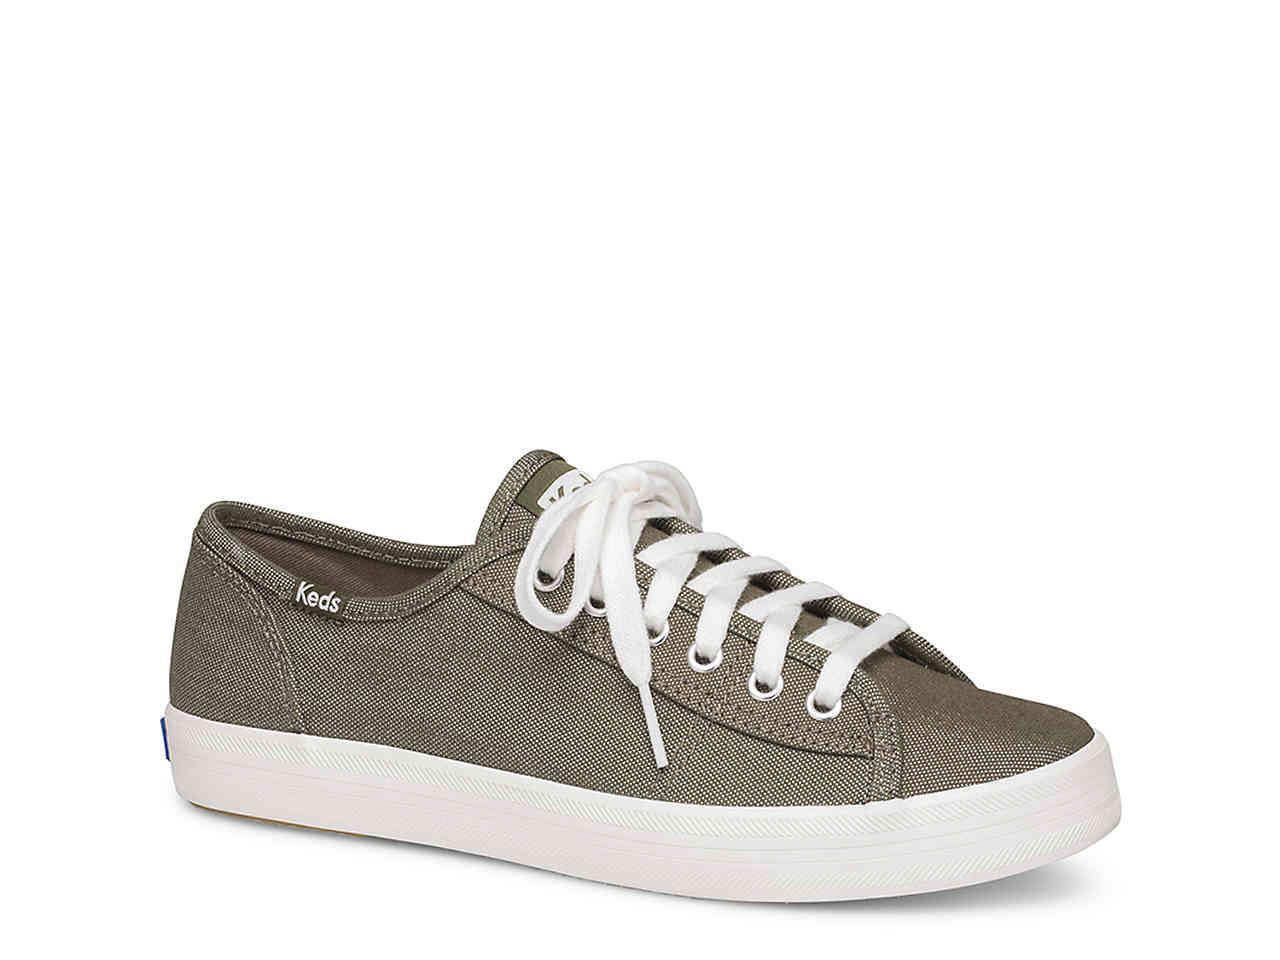 size 40 0d1a5 2e0d6 Lyst - Keds Kickstart Sneaker in Green